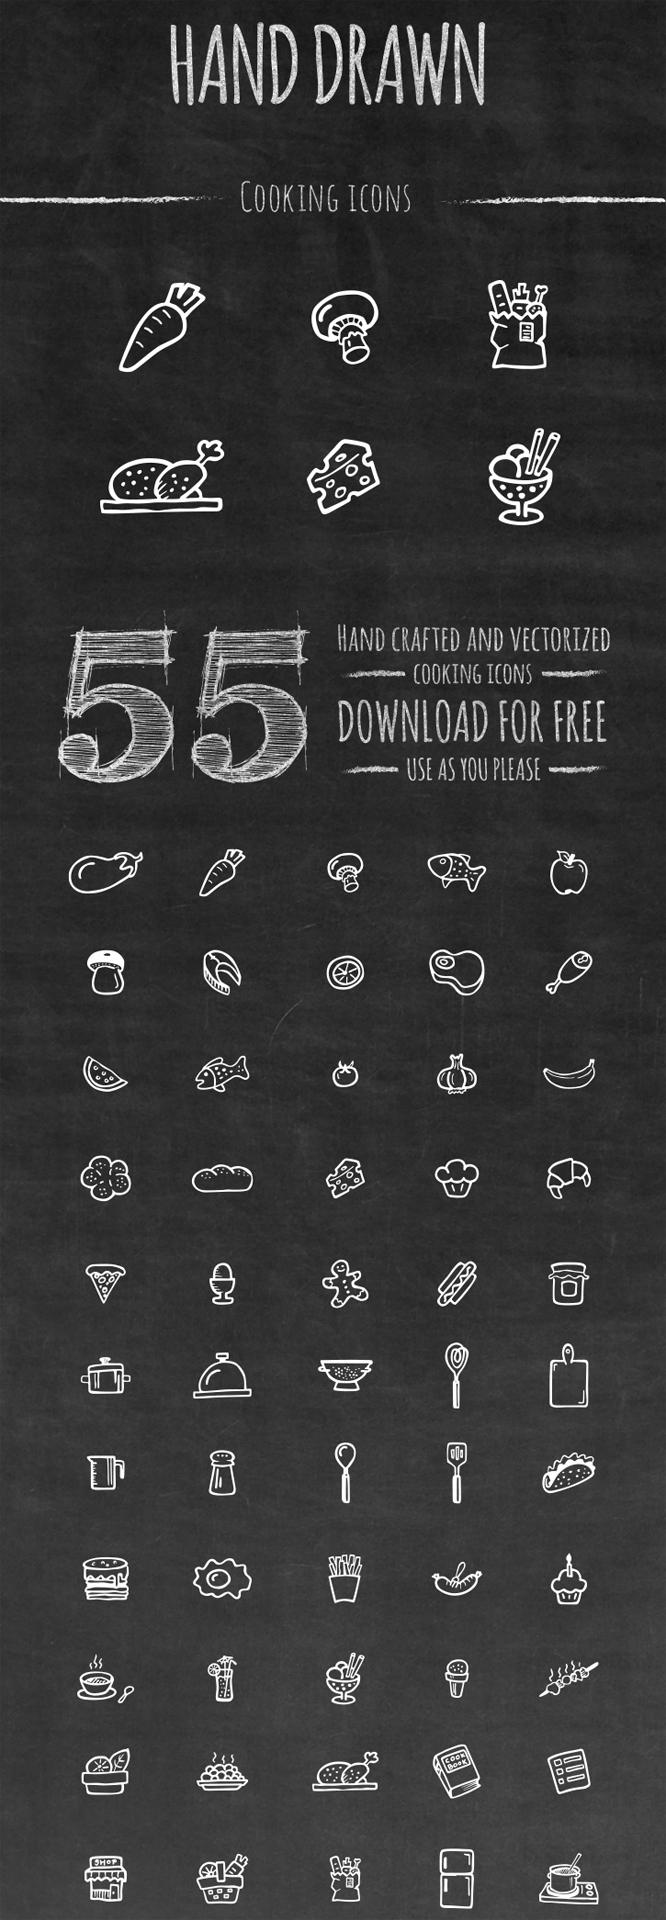 Бесплатный наор иконок для еды